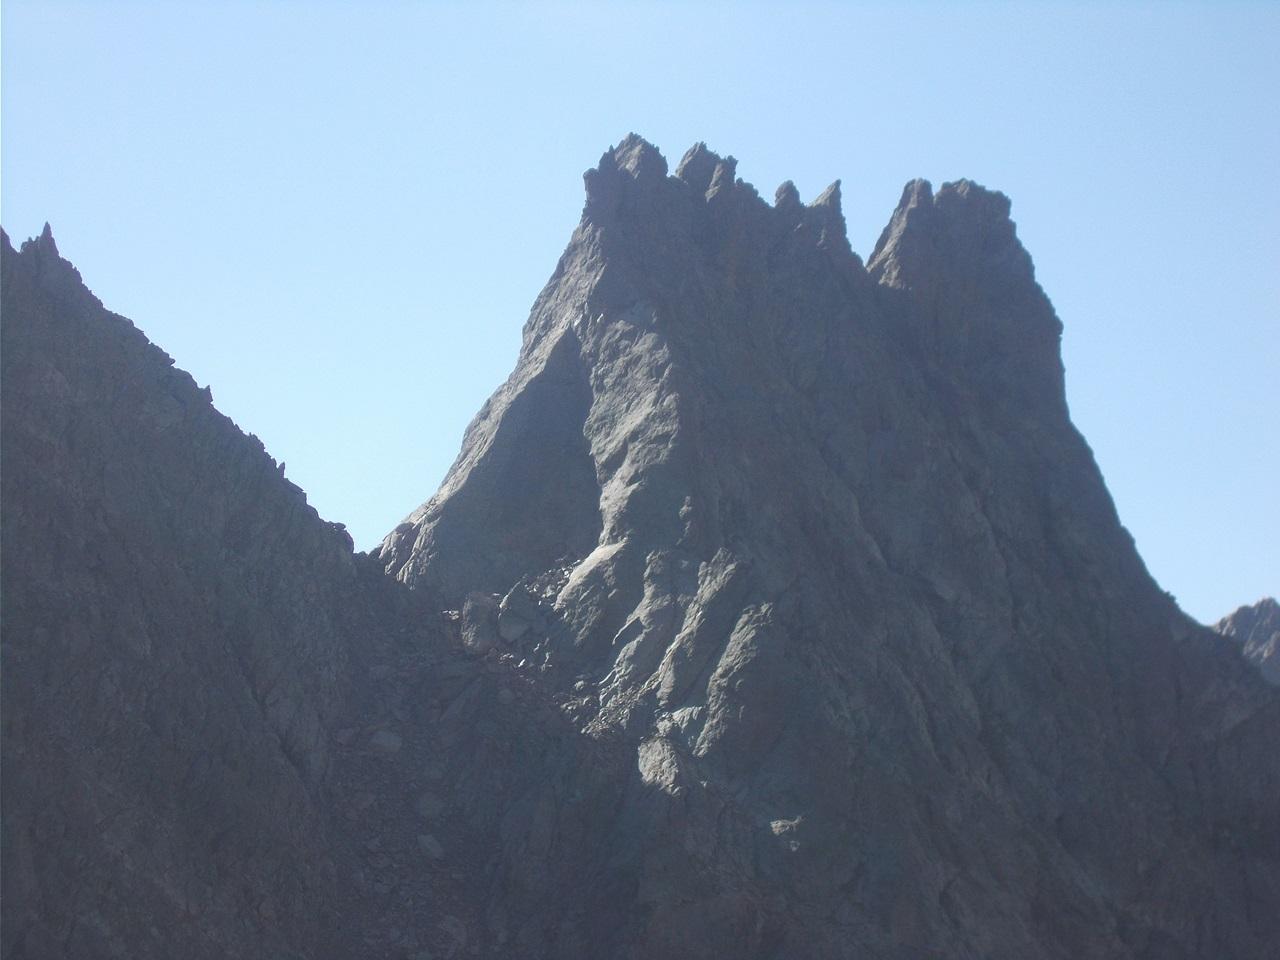 l'imponente castello roccioso del Bec dal Vir